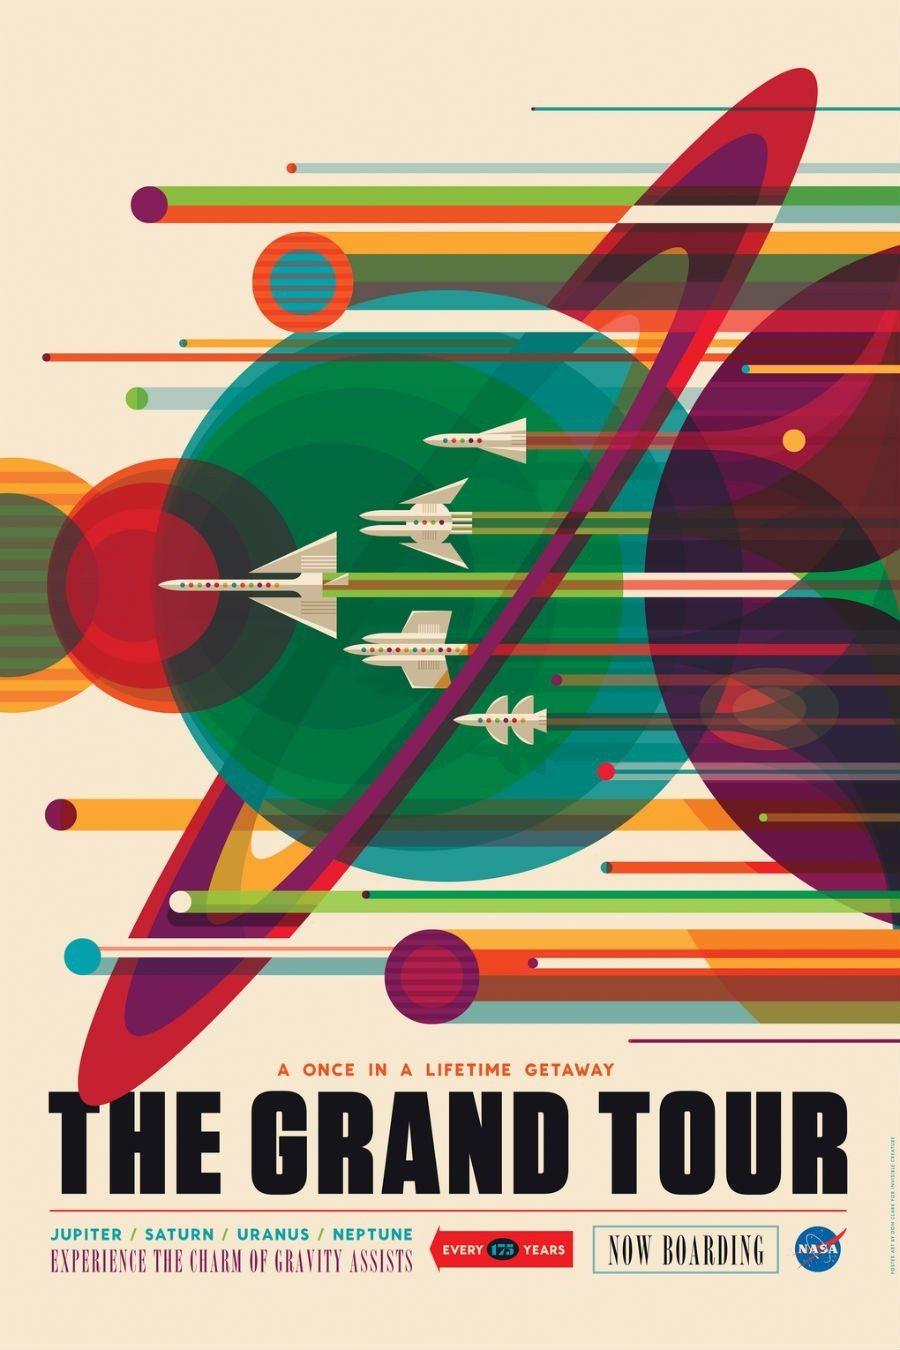 o_grande_tour_passa_por_jupiter_por_saturno_por_urano_e_por_netuno